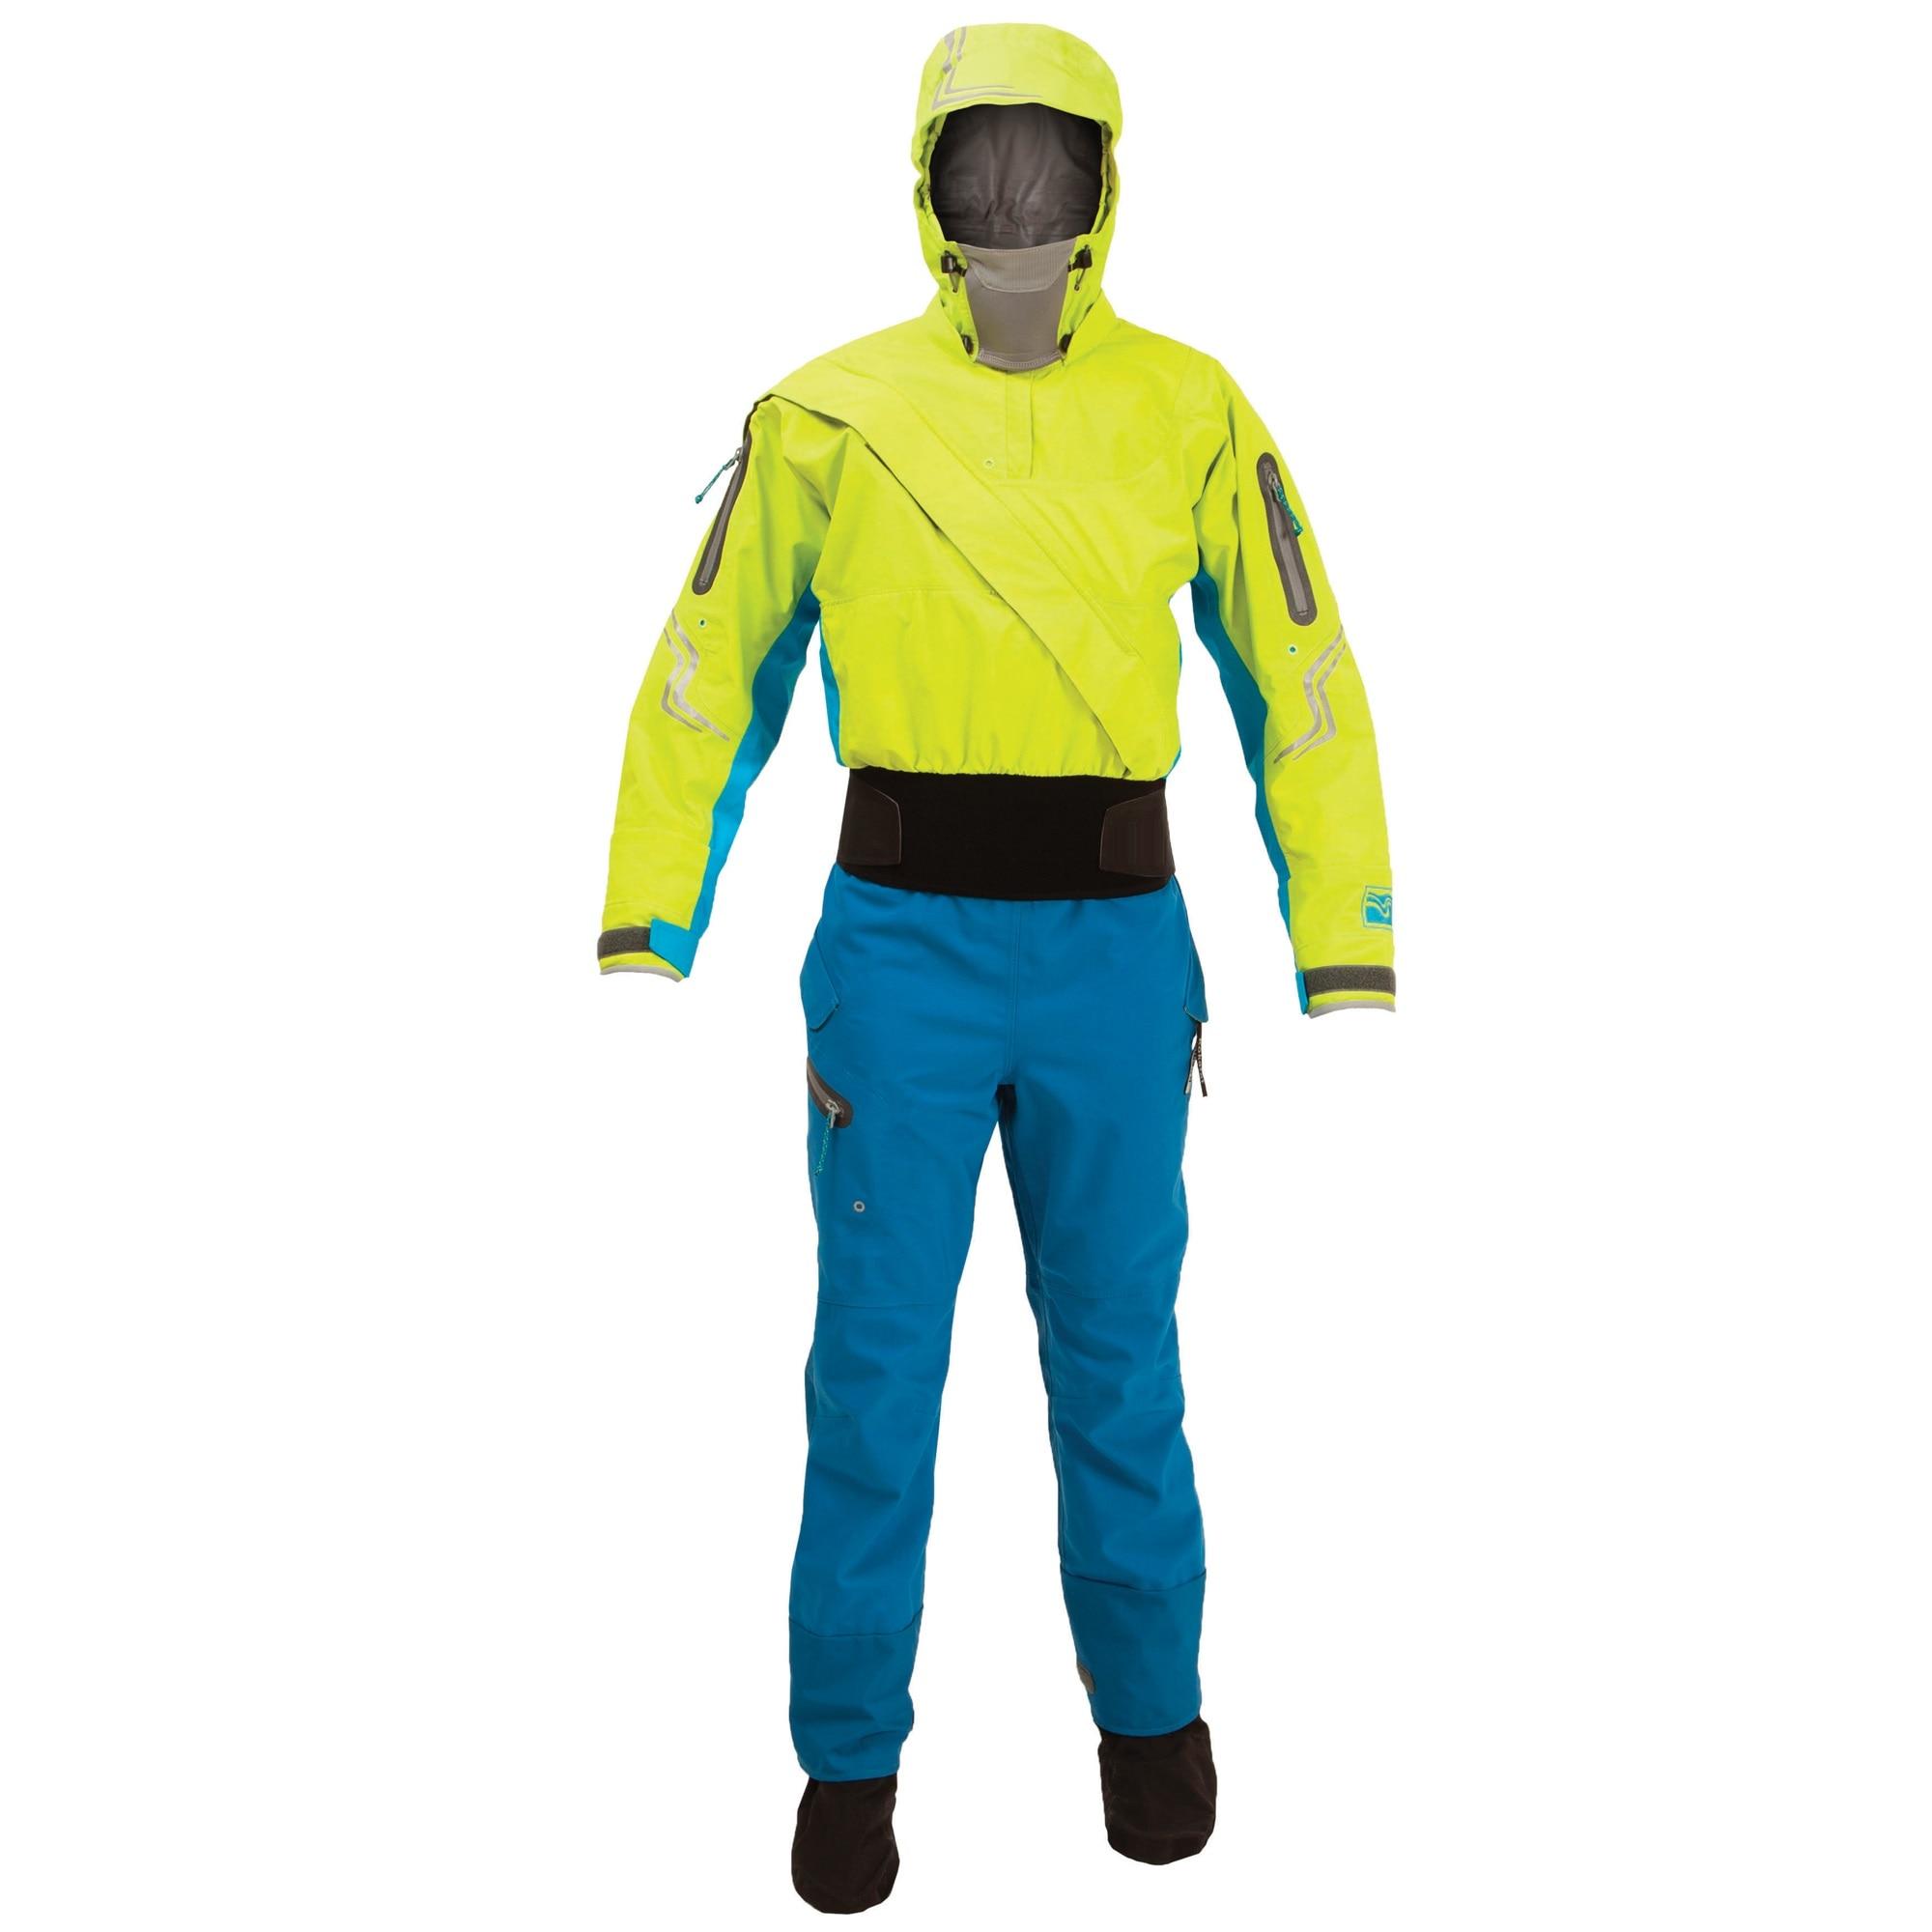 DW15 Waterproof Dry Suits Kayaking Drysuits For Women Paddle Splash Hoodies